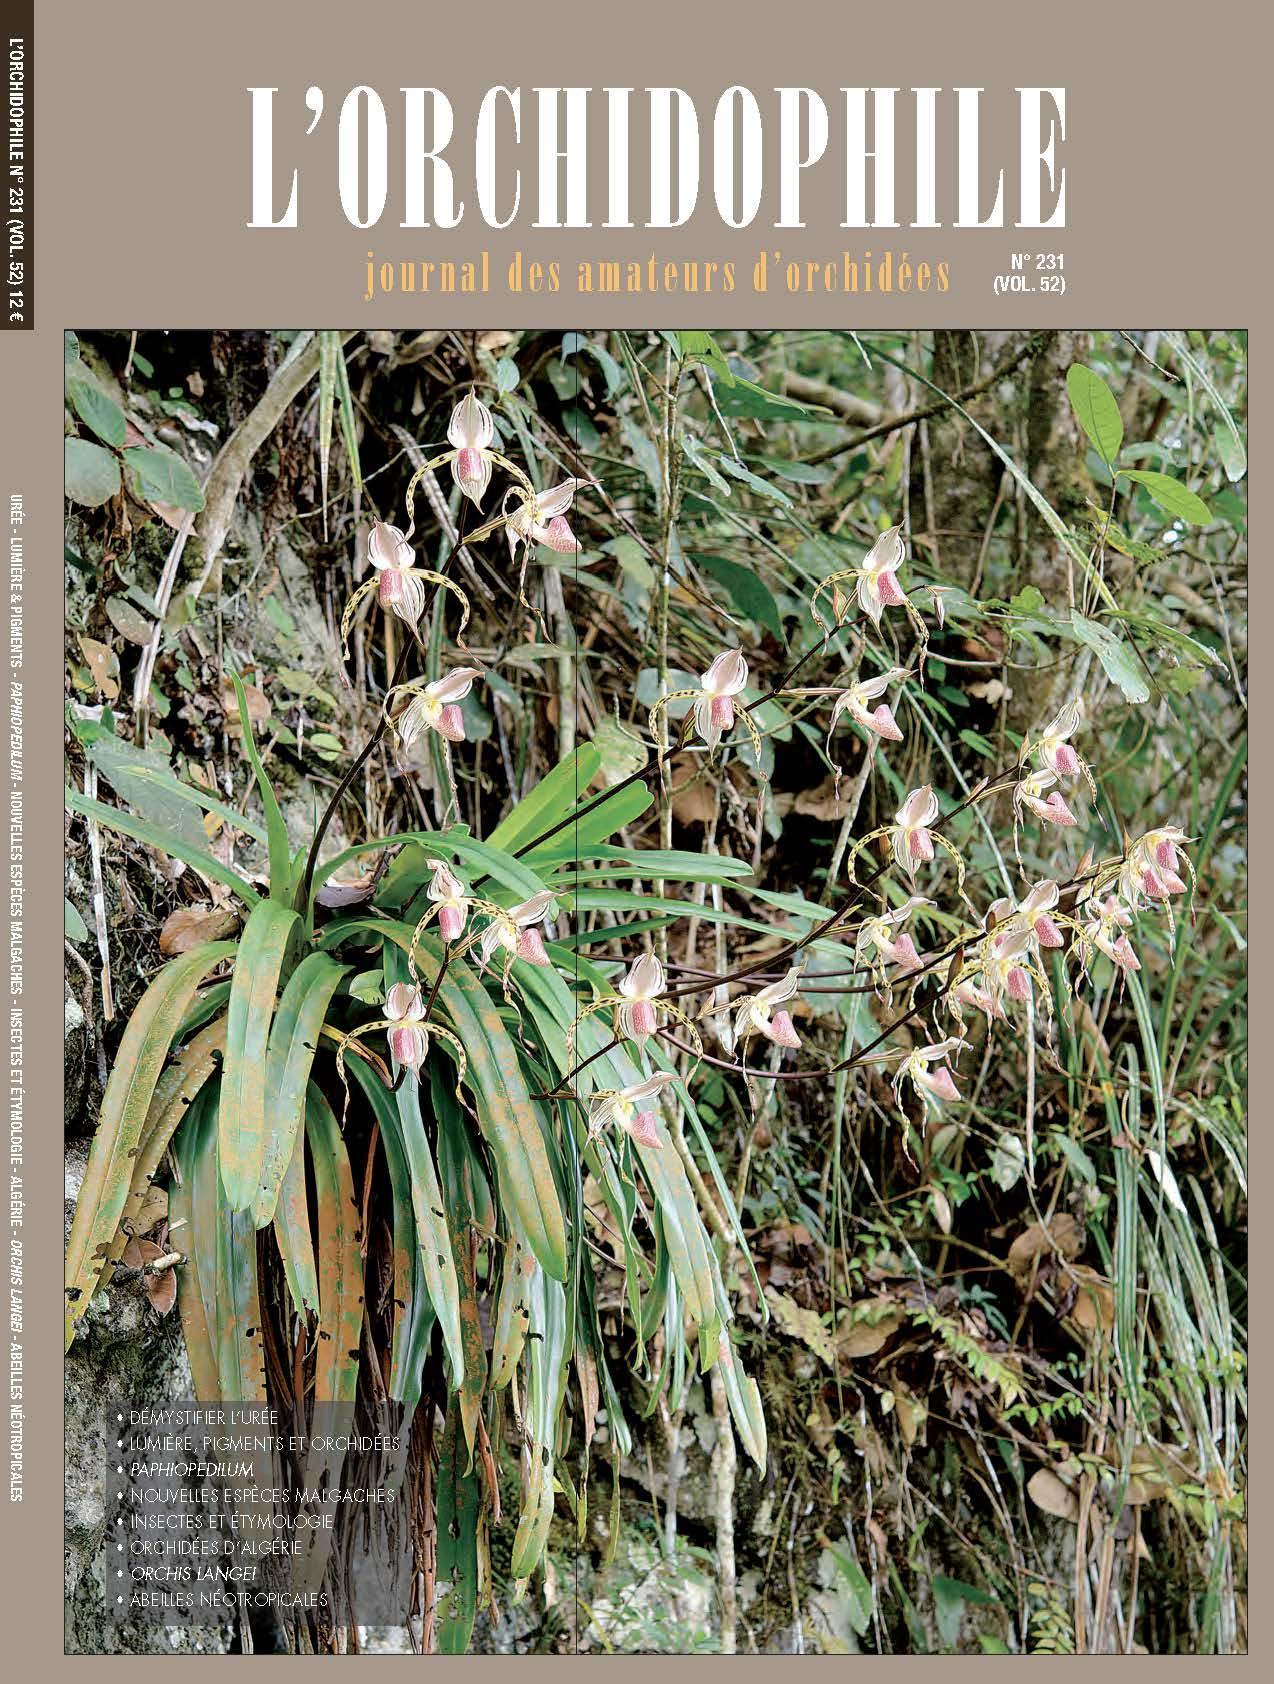 L'Orchidophile, Journal des amateurs d'orchidées, culture, connaissance et protection de l'environnement et des orchidées exotiques et indigènes.